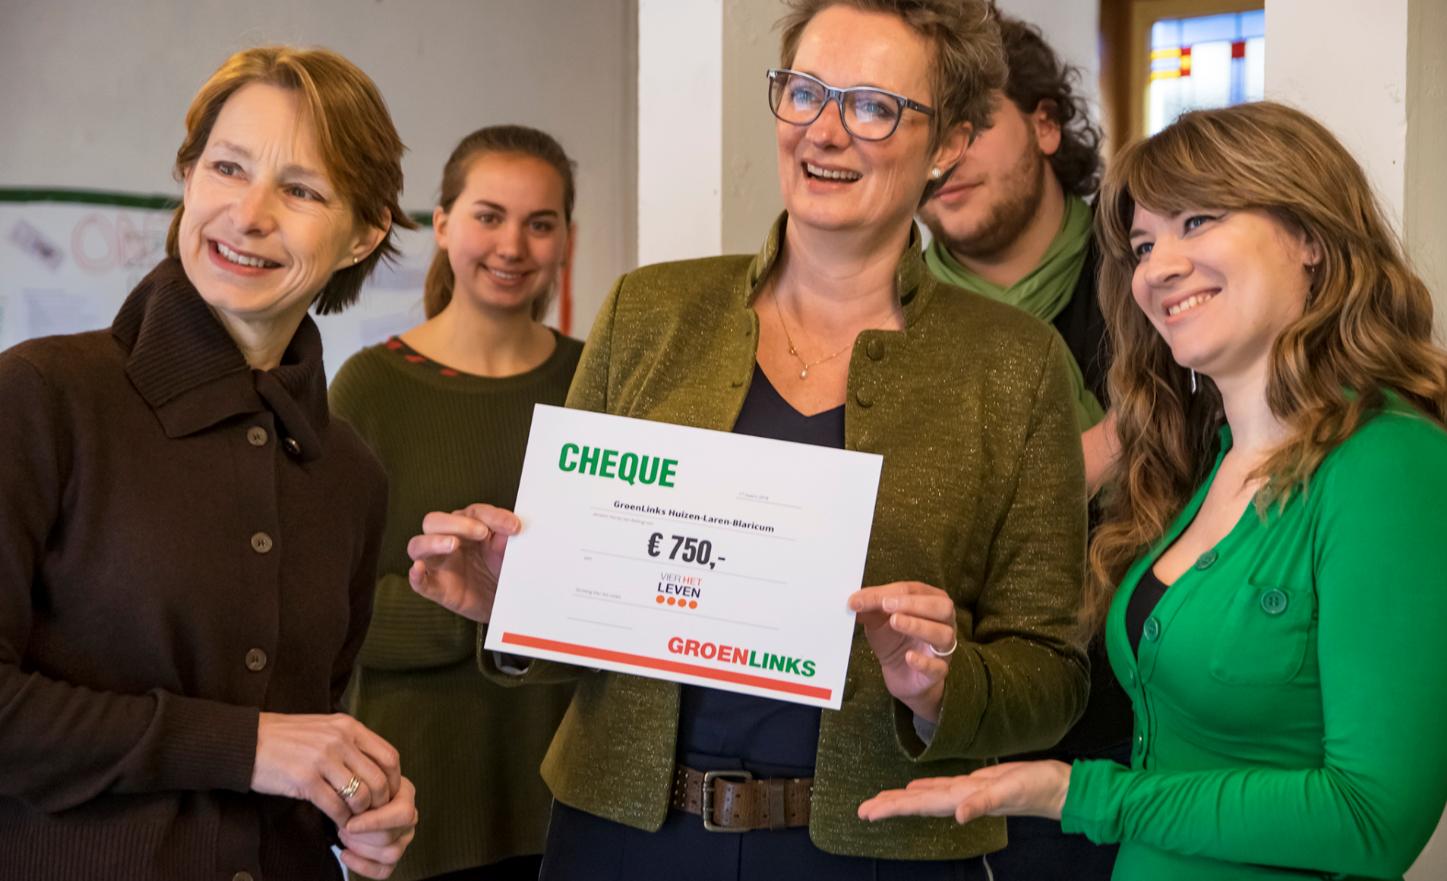 De overhandiging van de cheque (Foto: Evert Landré )